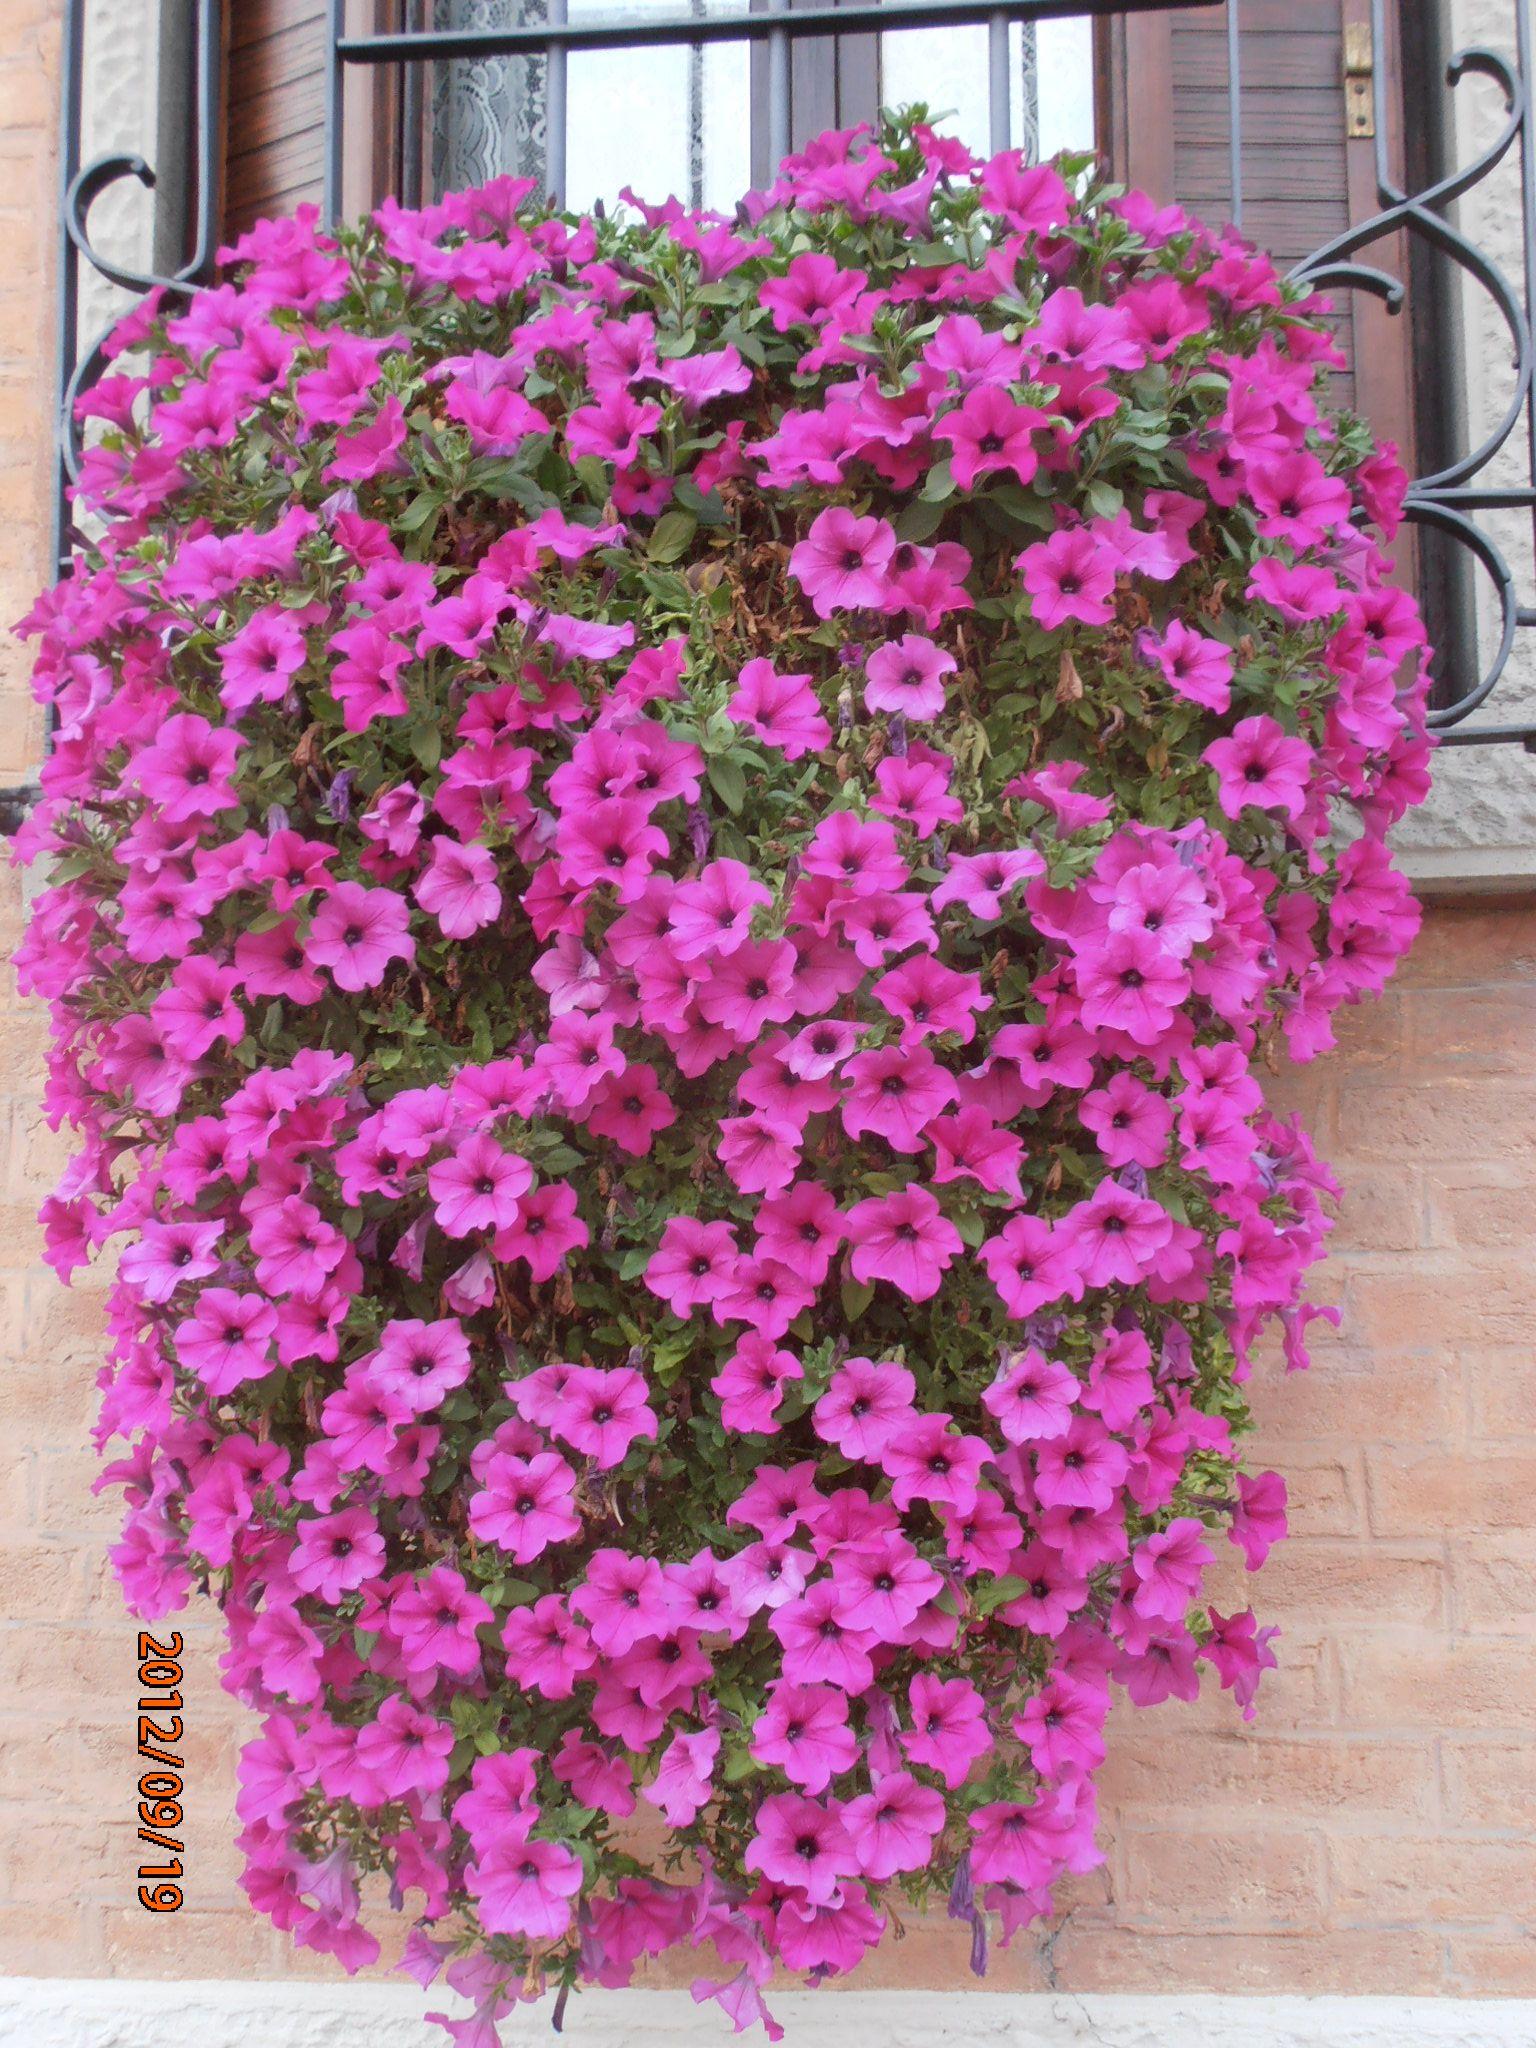 CASCATA DI FIORI | Petunias, Ventanas, Flores